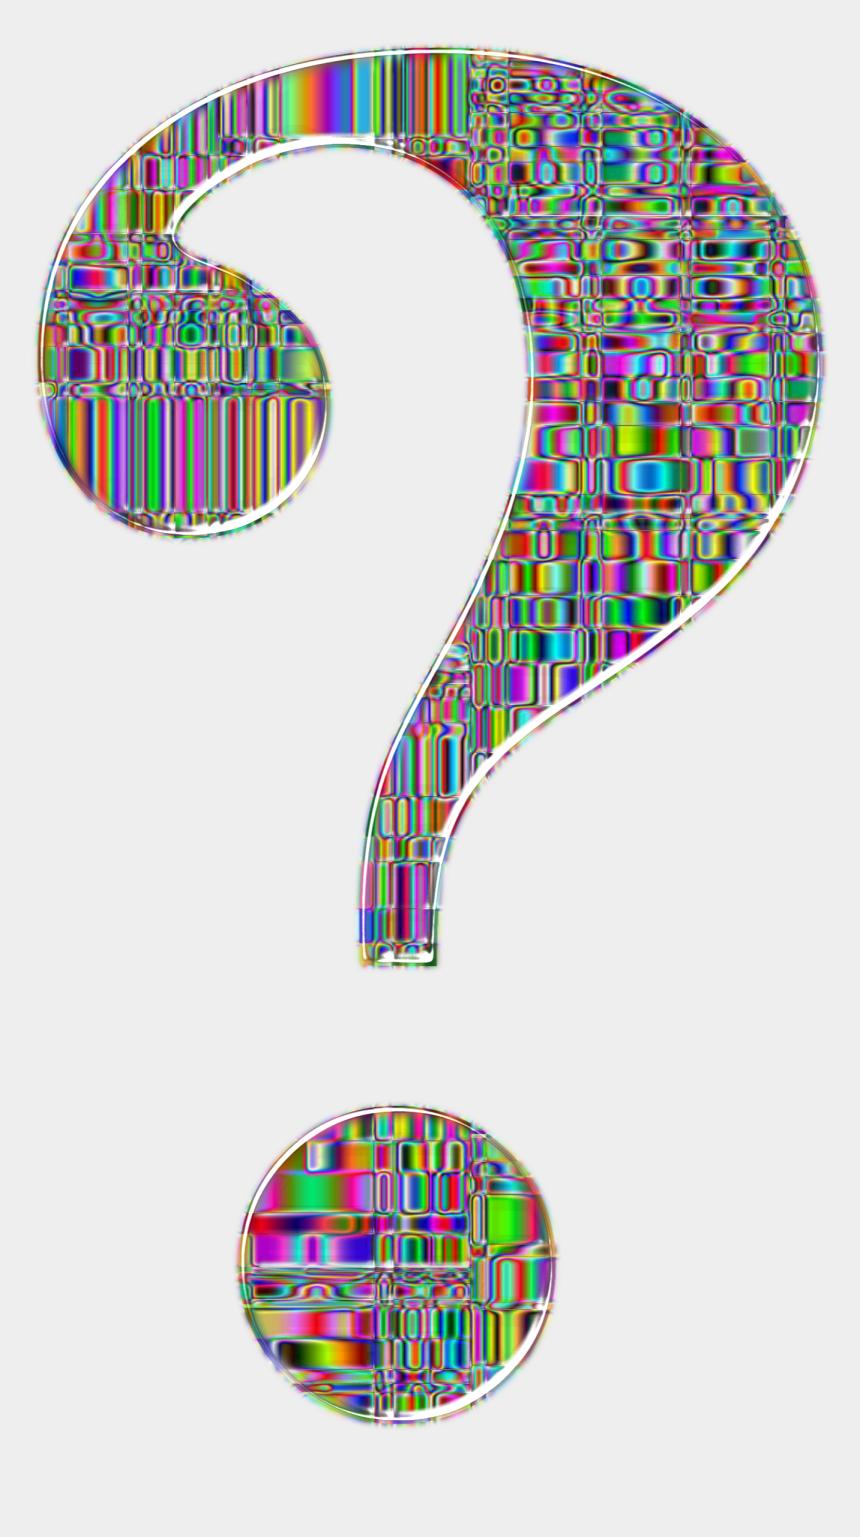 question mark clipart, Cartoons - Transparent Background Question Mark Clipart , Png - Transparent Background Question Mark Gif